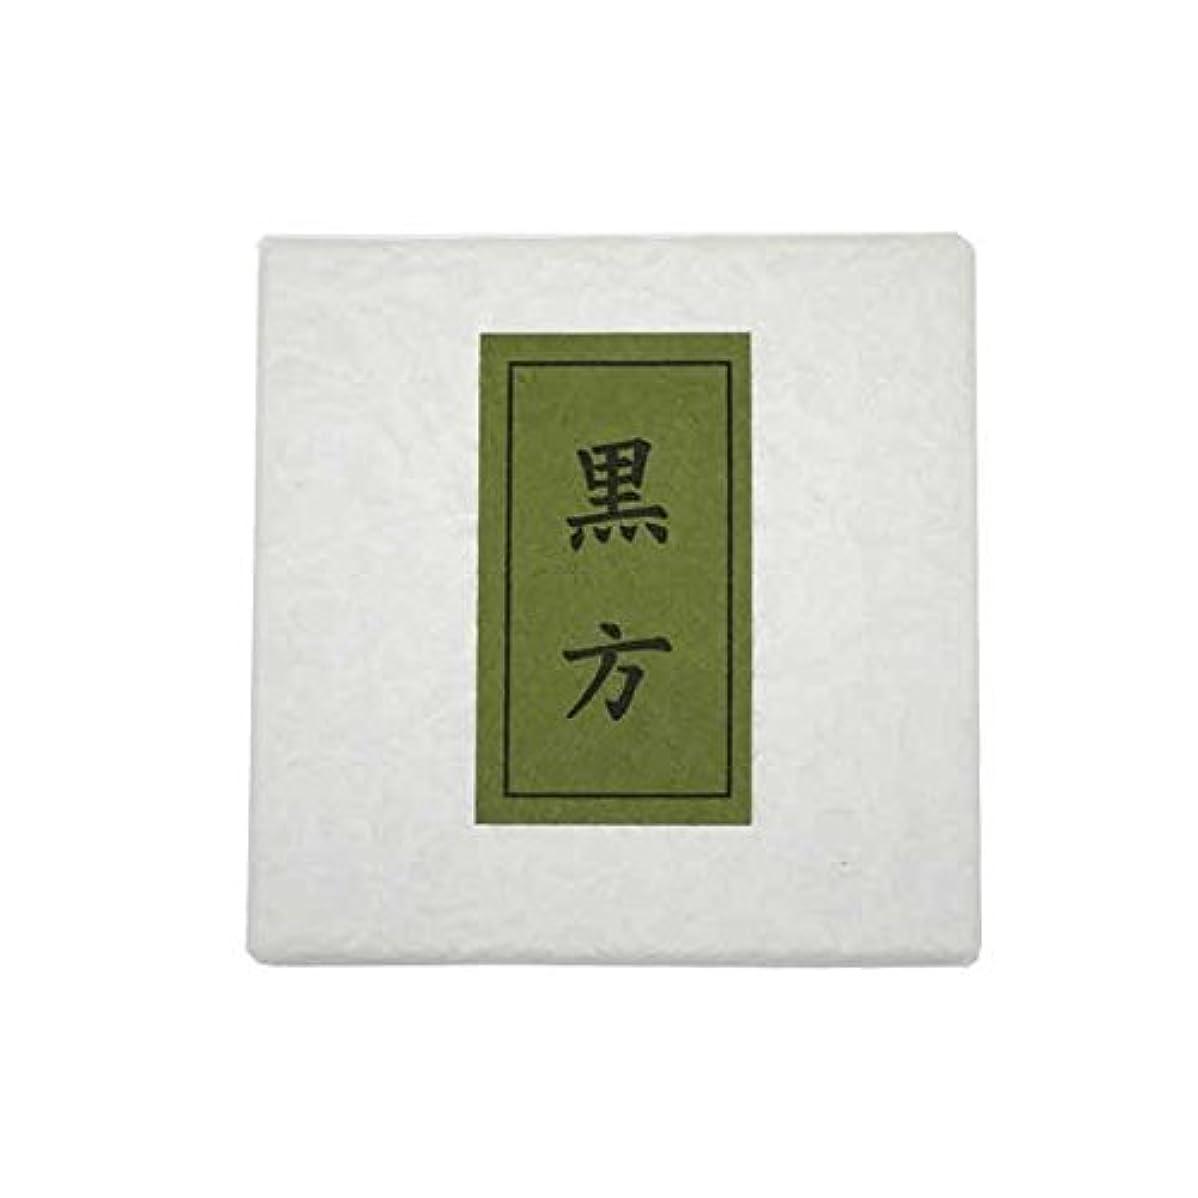 オーナメントゴミ箱時計黒方 紙箱入(ビニール入)